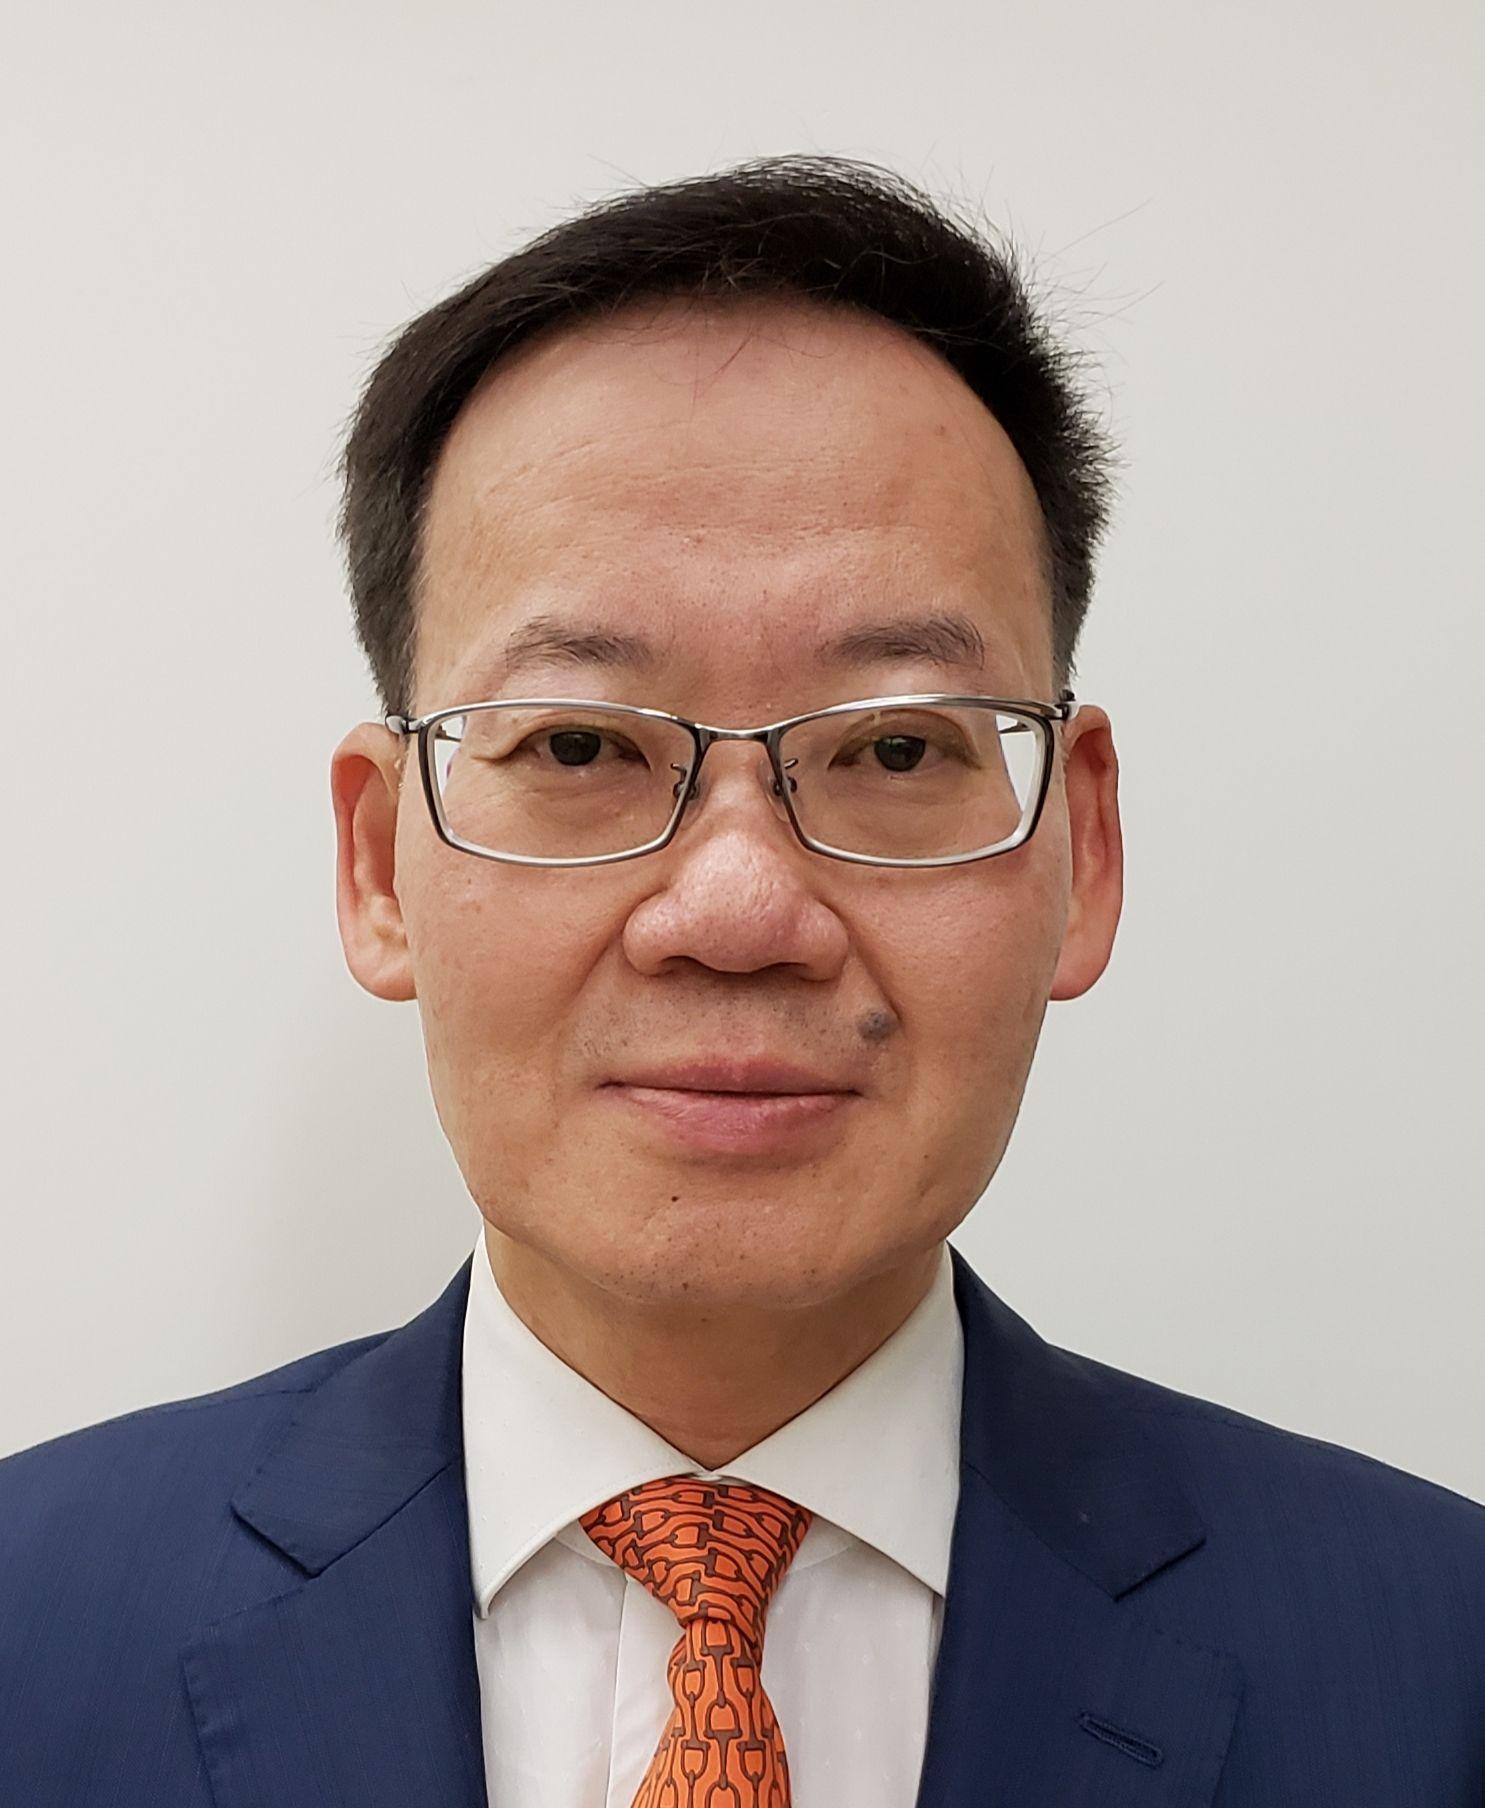 Shu Pui Li